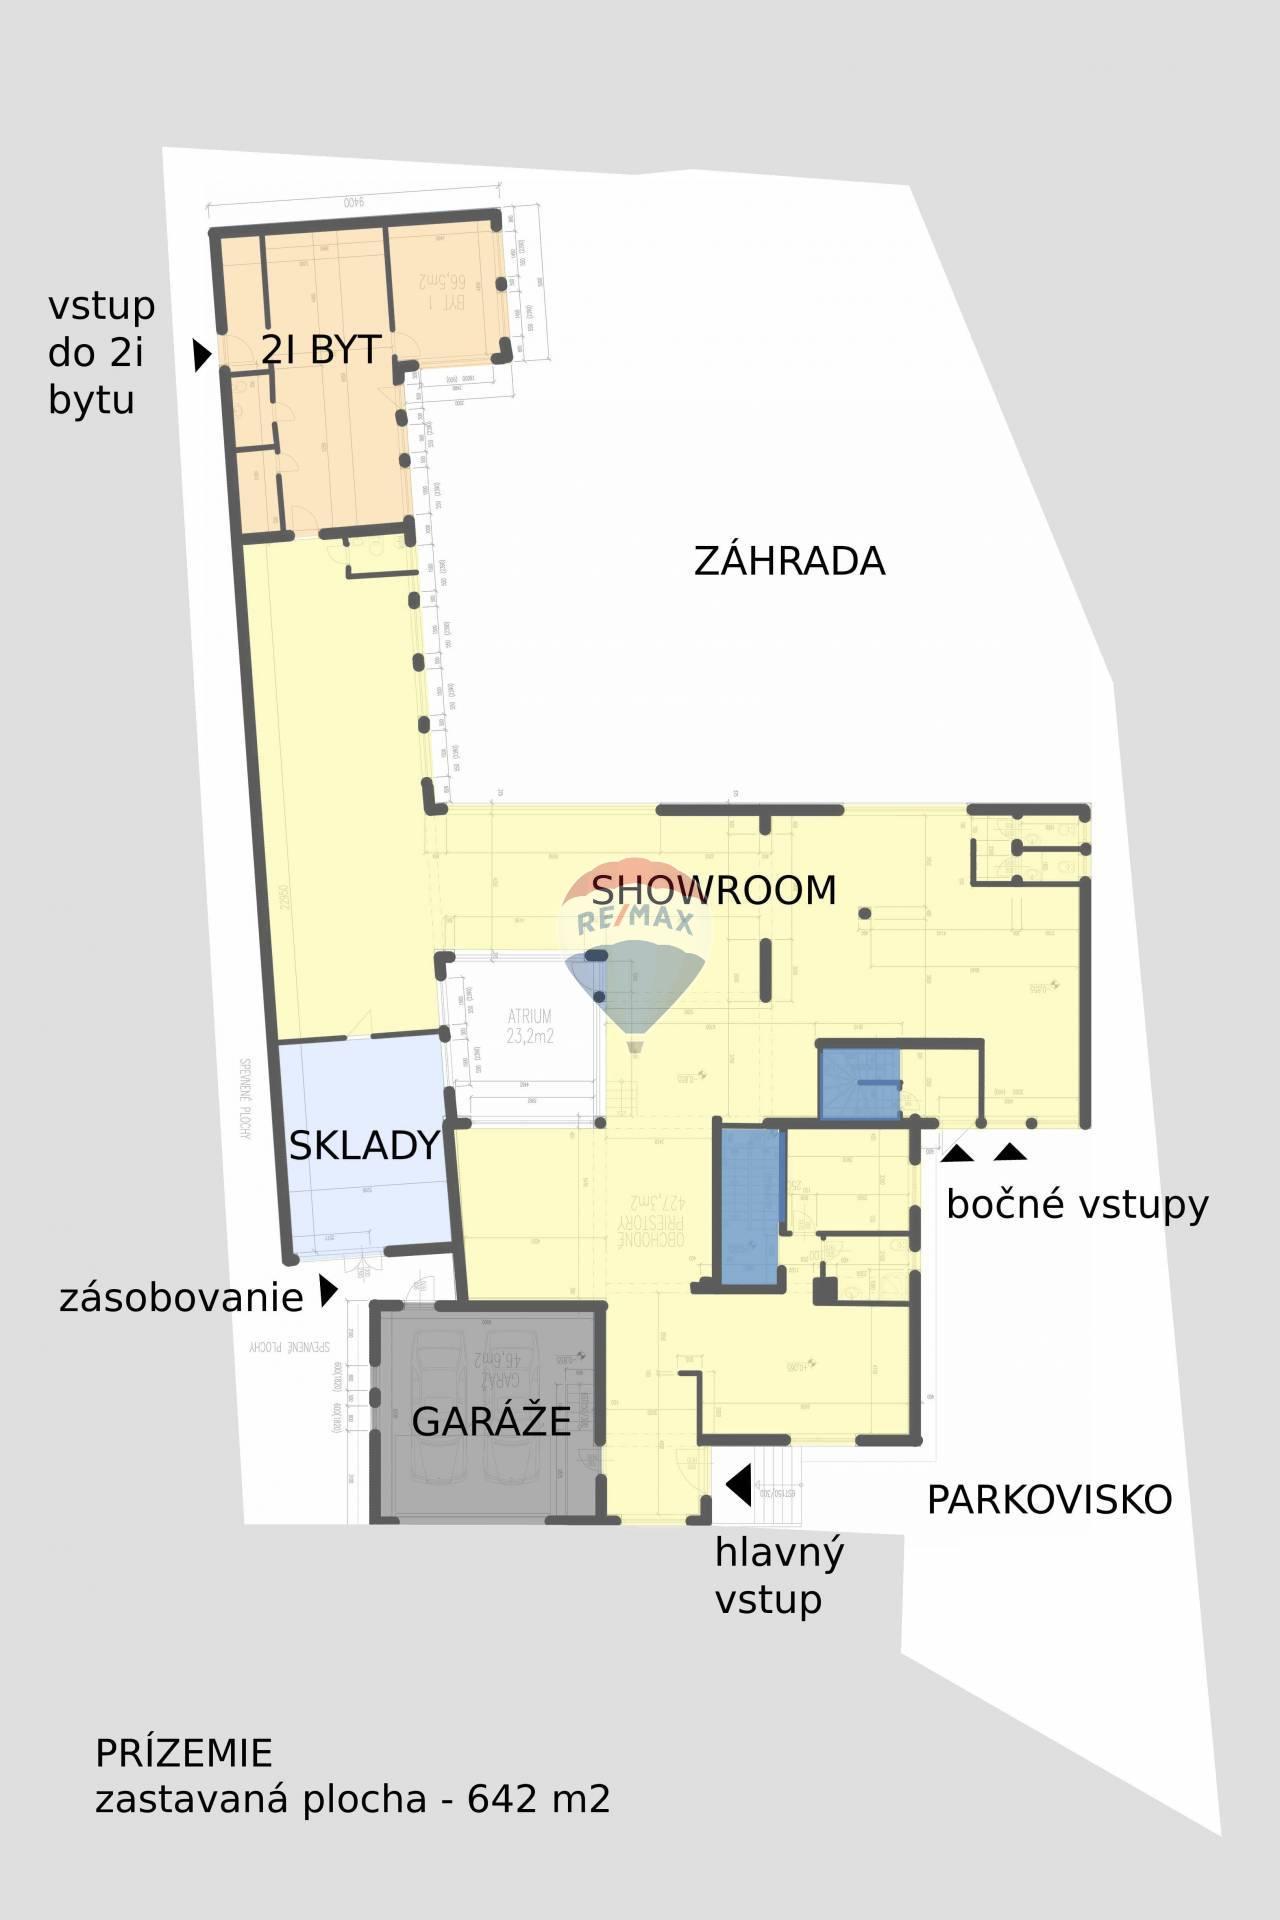 Predaj komerčného objektu 642 m2, Bratislava - Podunajské Biskupice - situácia a pôdorys prízemia